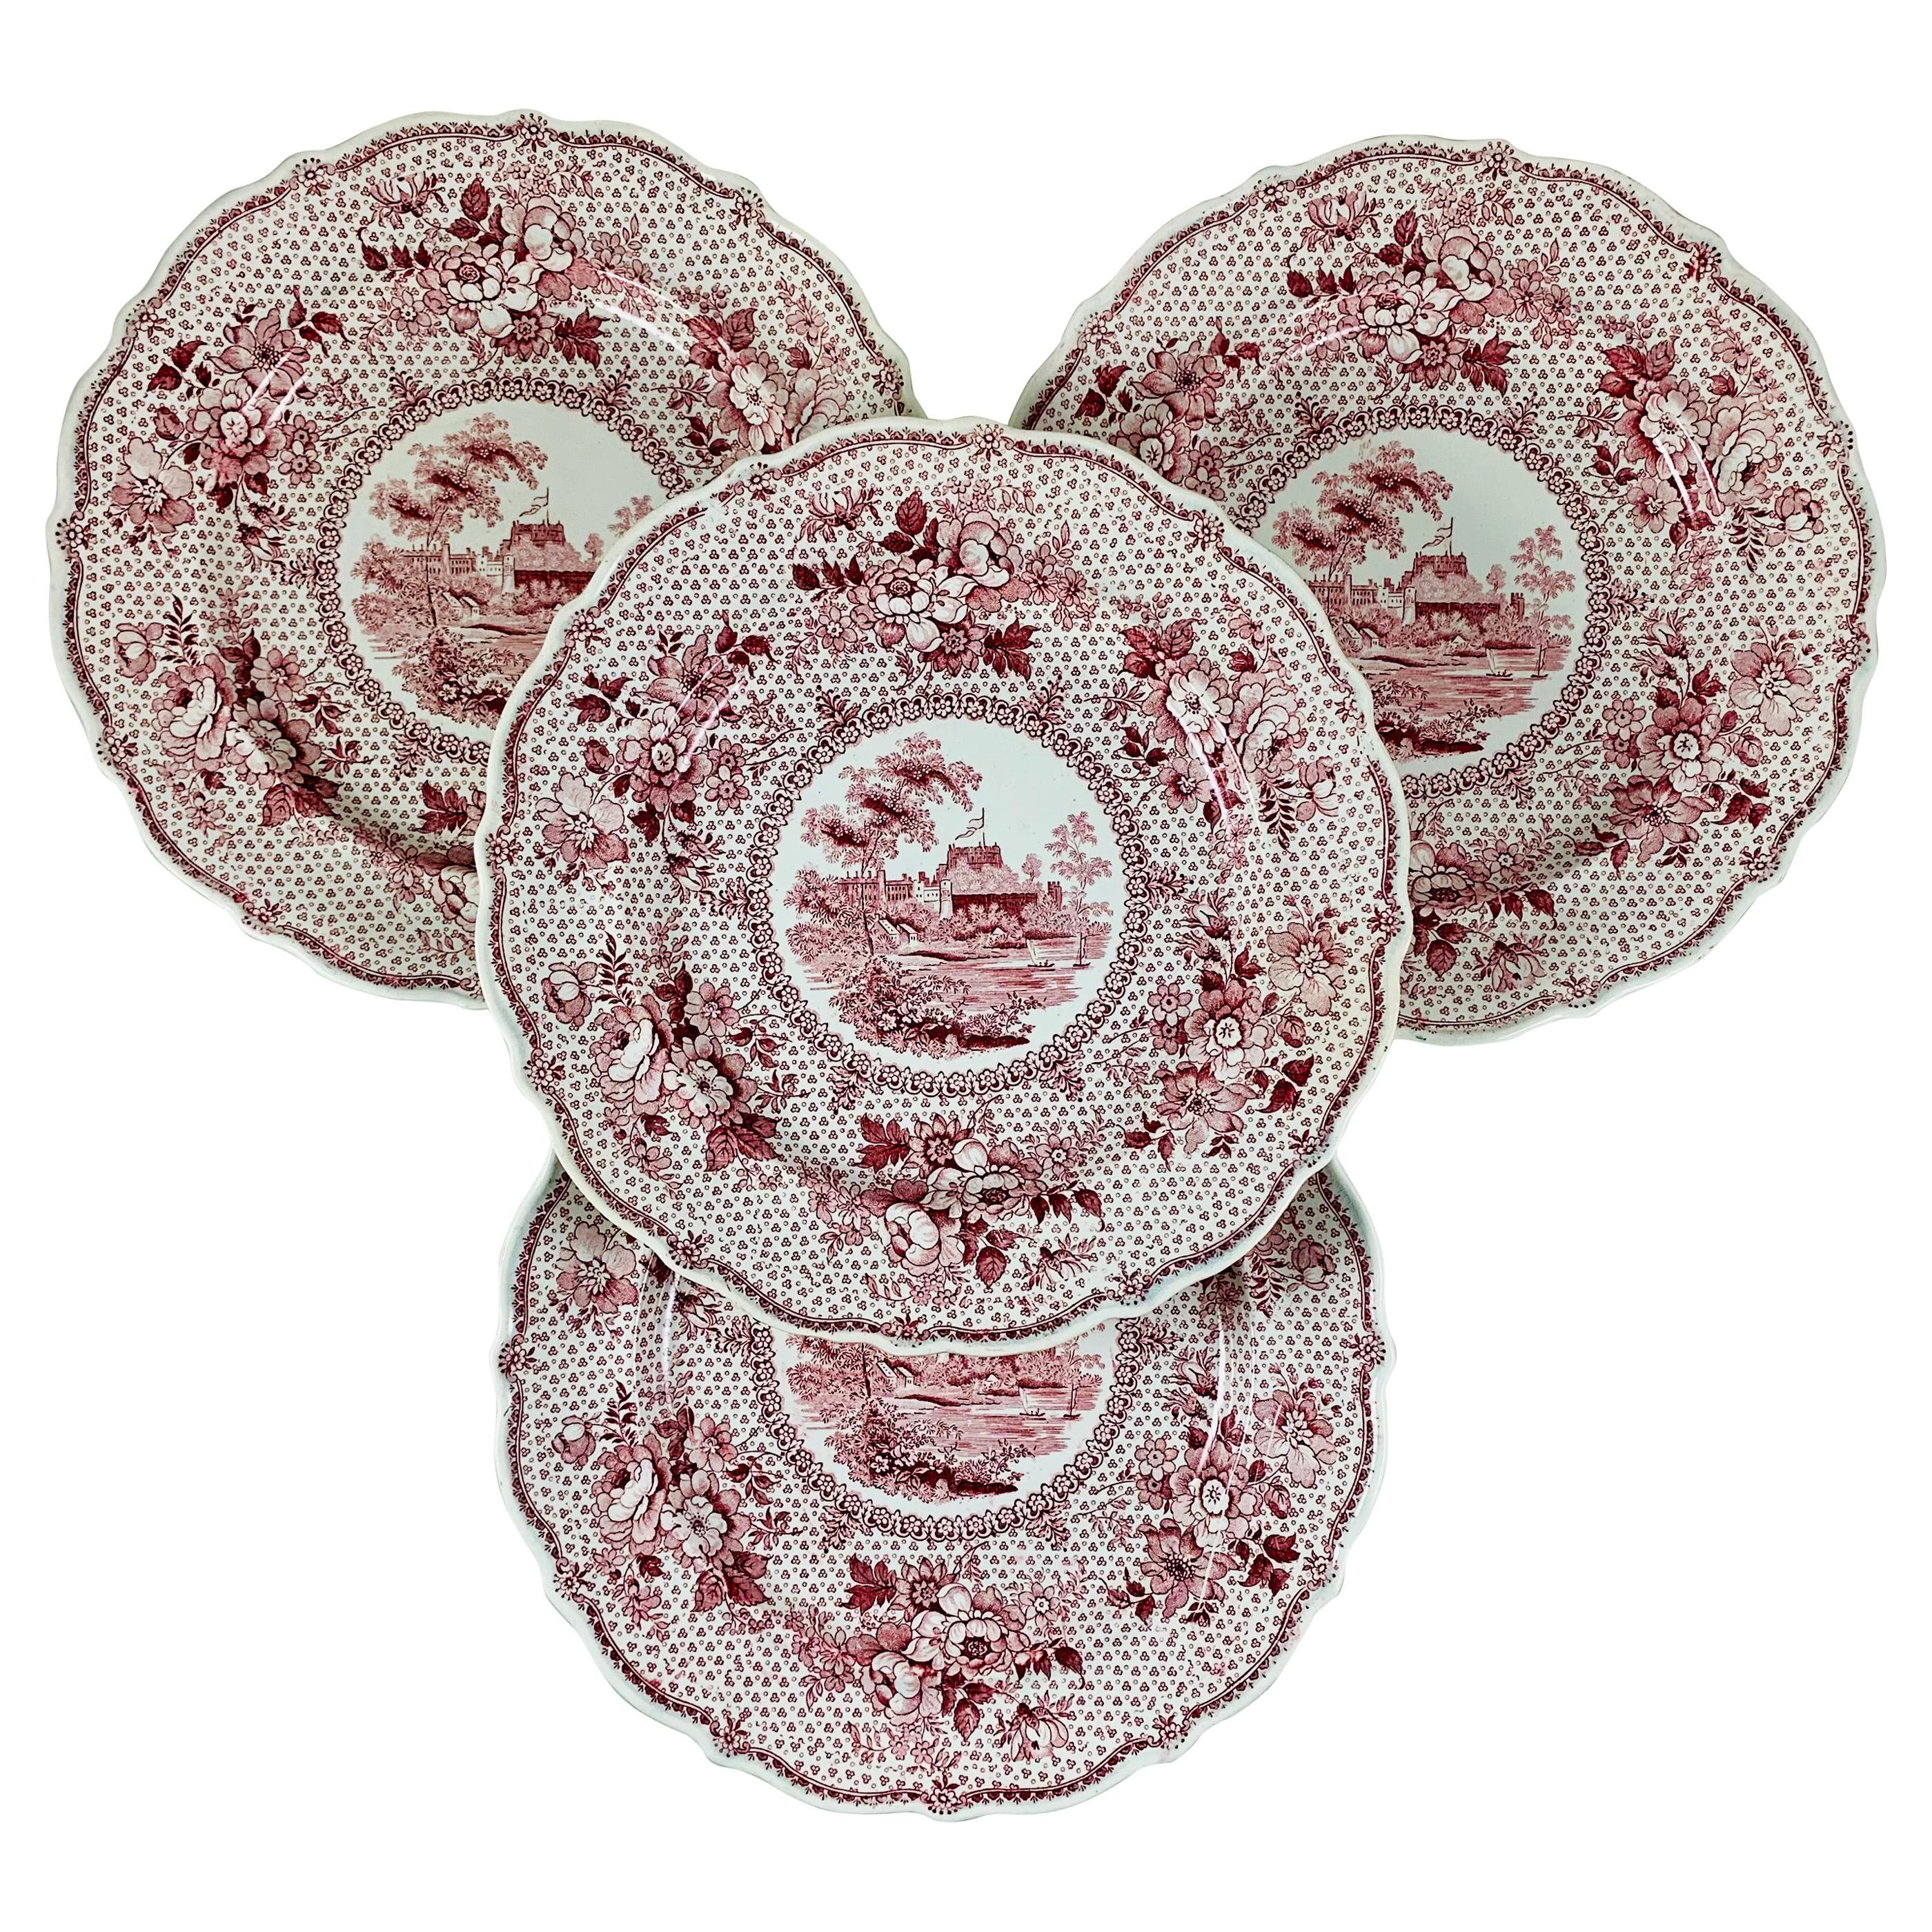 English Ralph Stevenson 'Windsor Castle' Red Transferware Dinner Plates, set/4